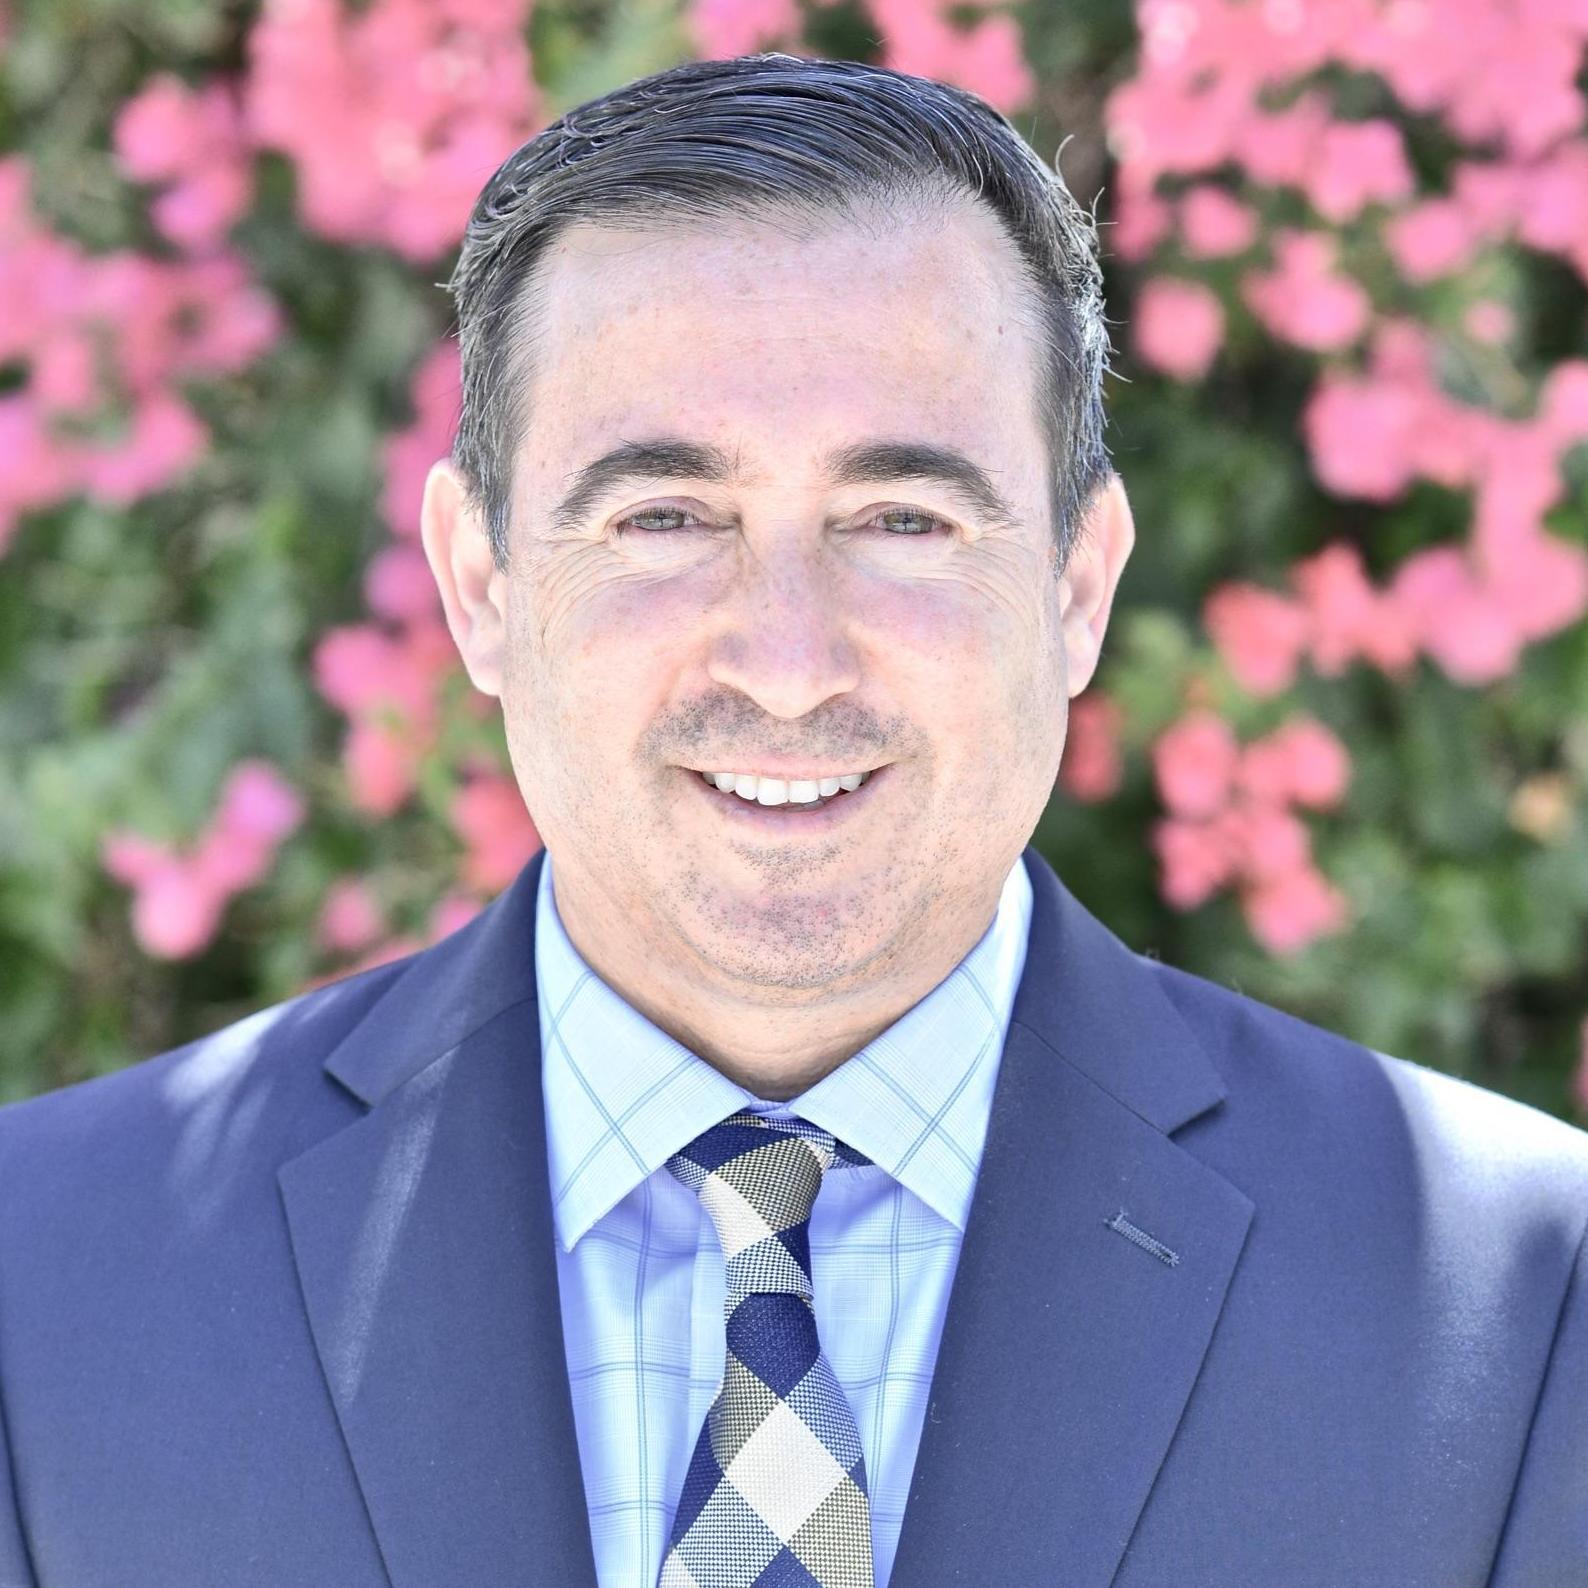 Michael Inzunza's Profile Photo